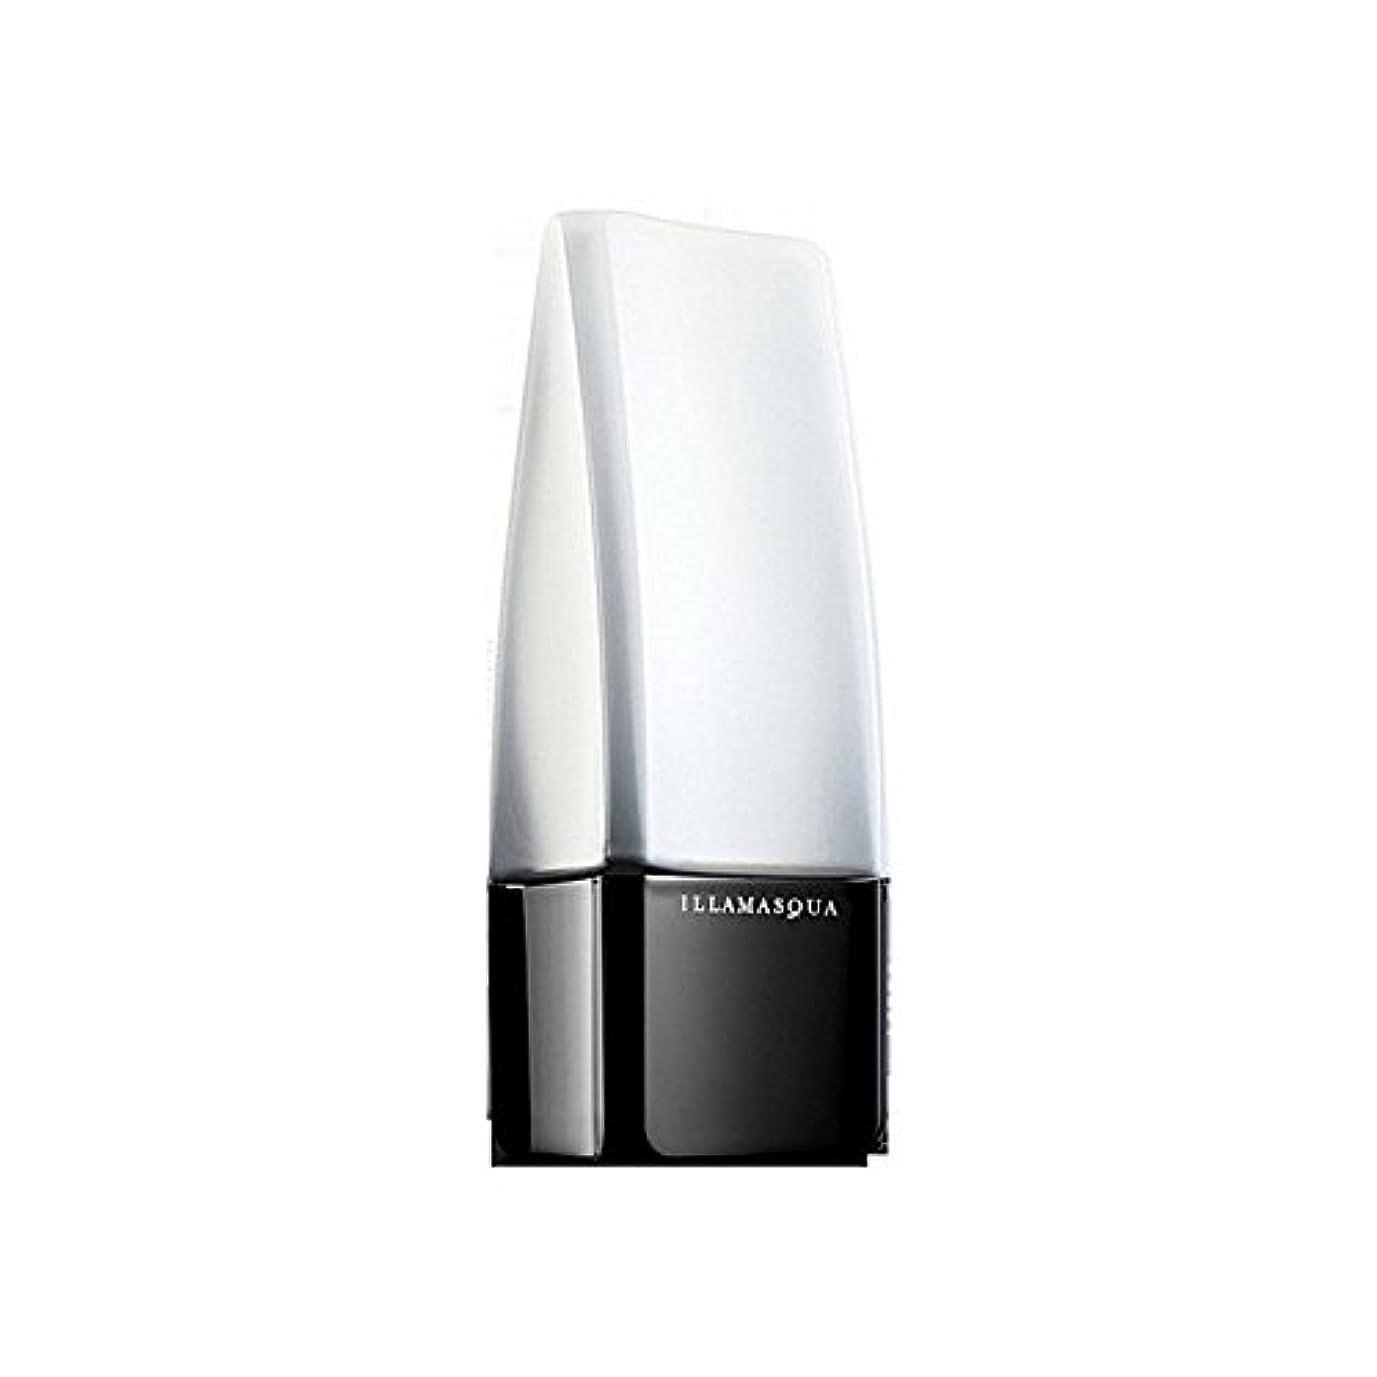 インキュバス霧深いを必要としていますマットプライマー 20 30ミリリットル x4 - Illamasqua Matt Primer Spf 20 30ml (Pack of 4) [並行輸入品]